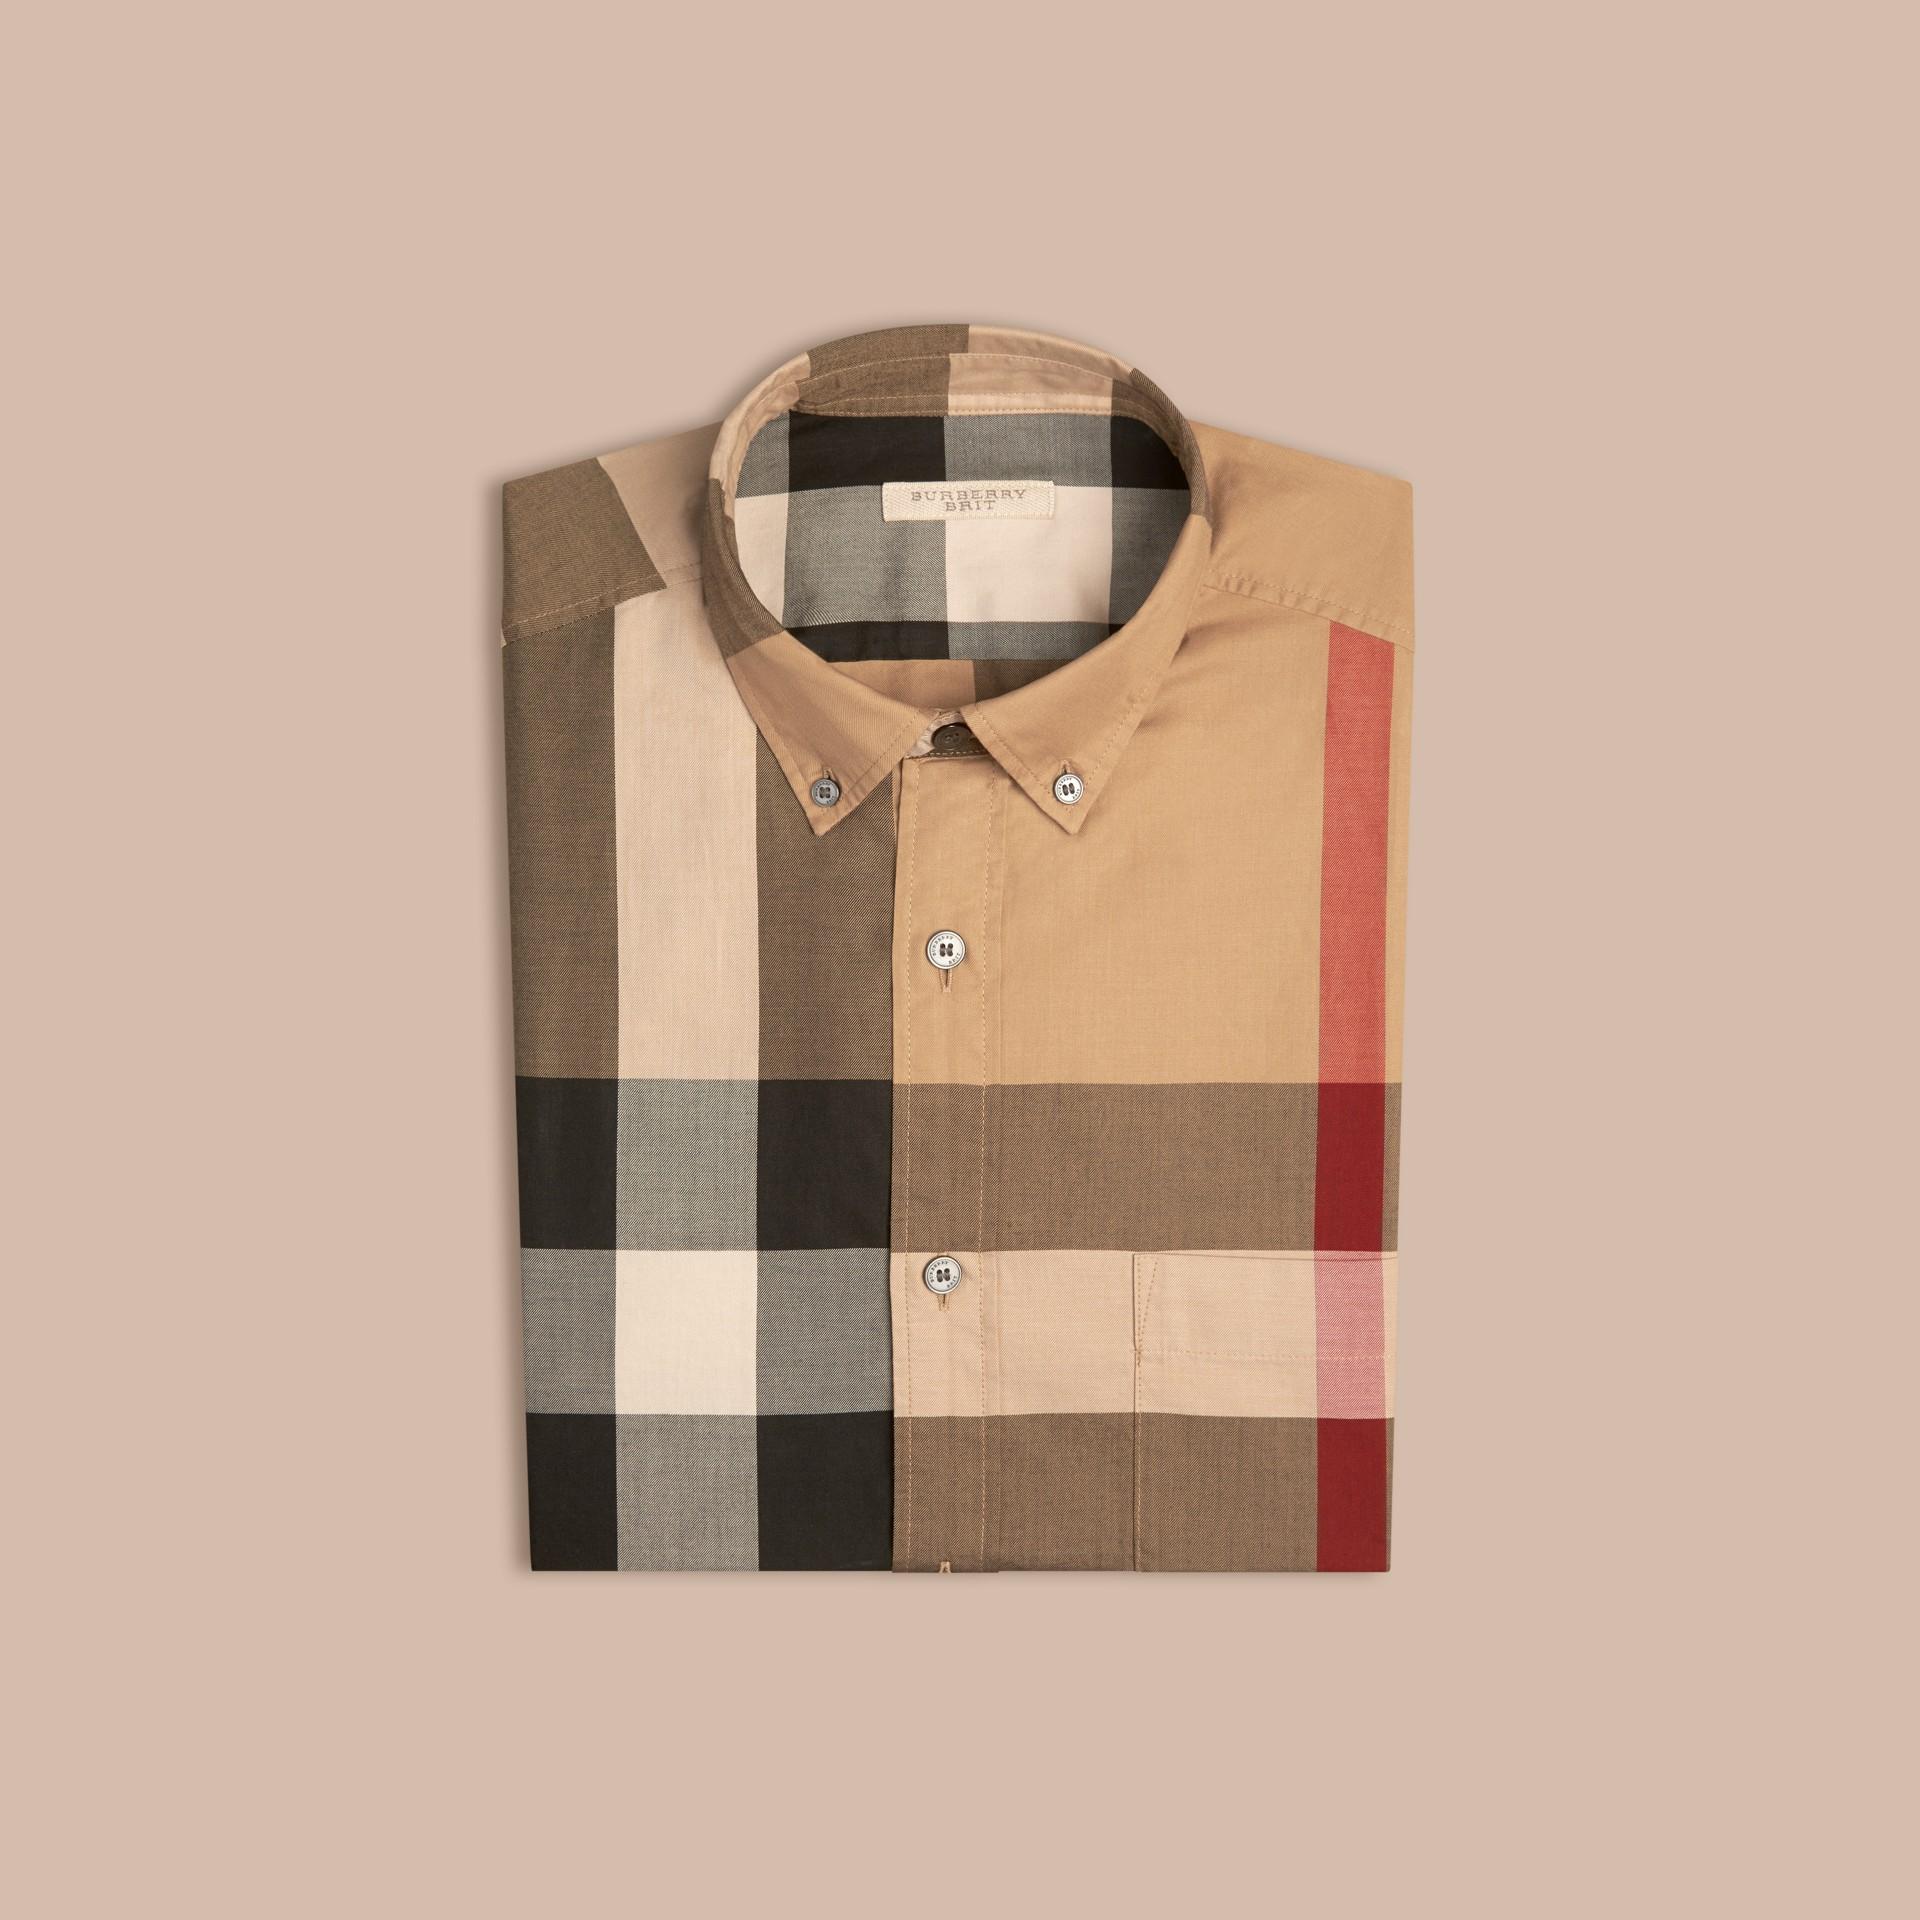 キャメル チェック・コットンシャツ キャメル - ギャラリーイメージ 4